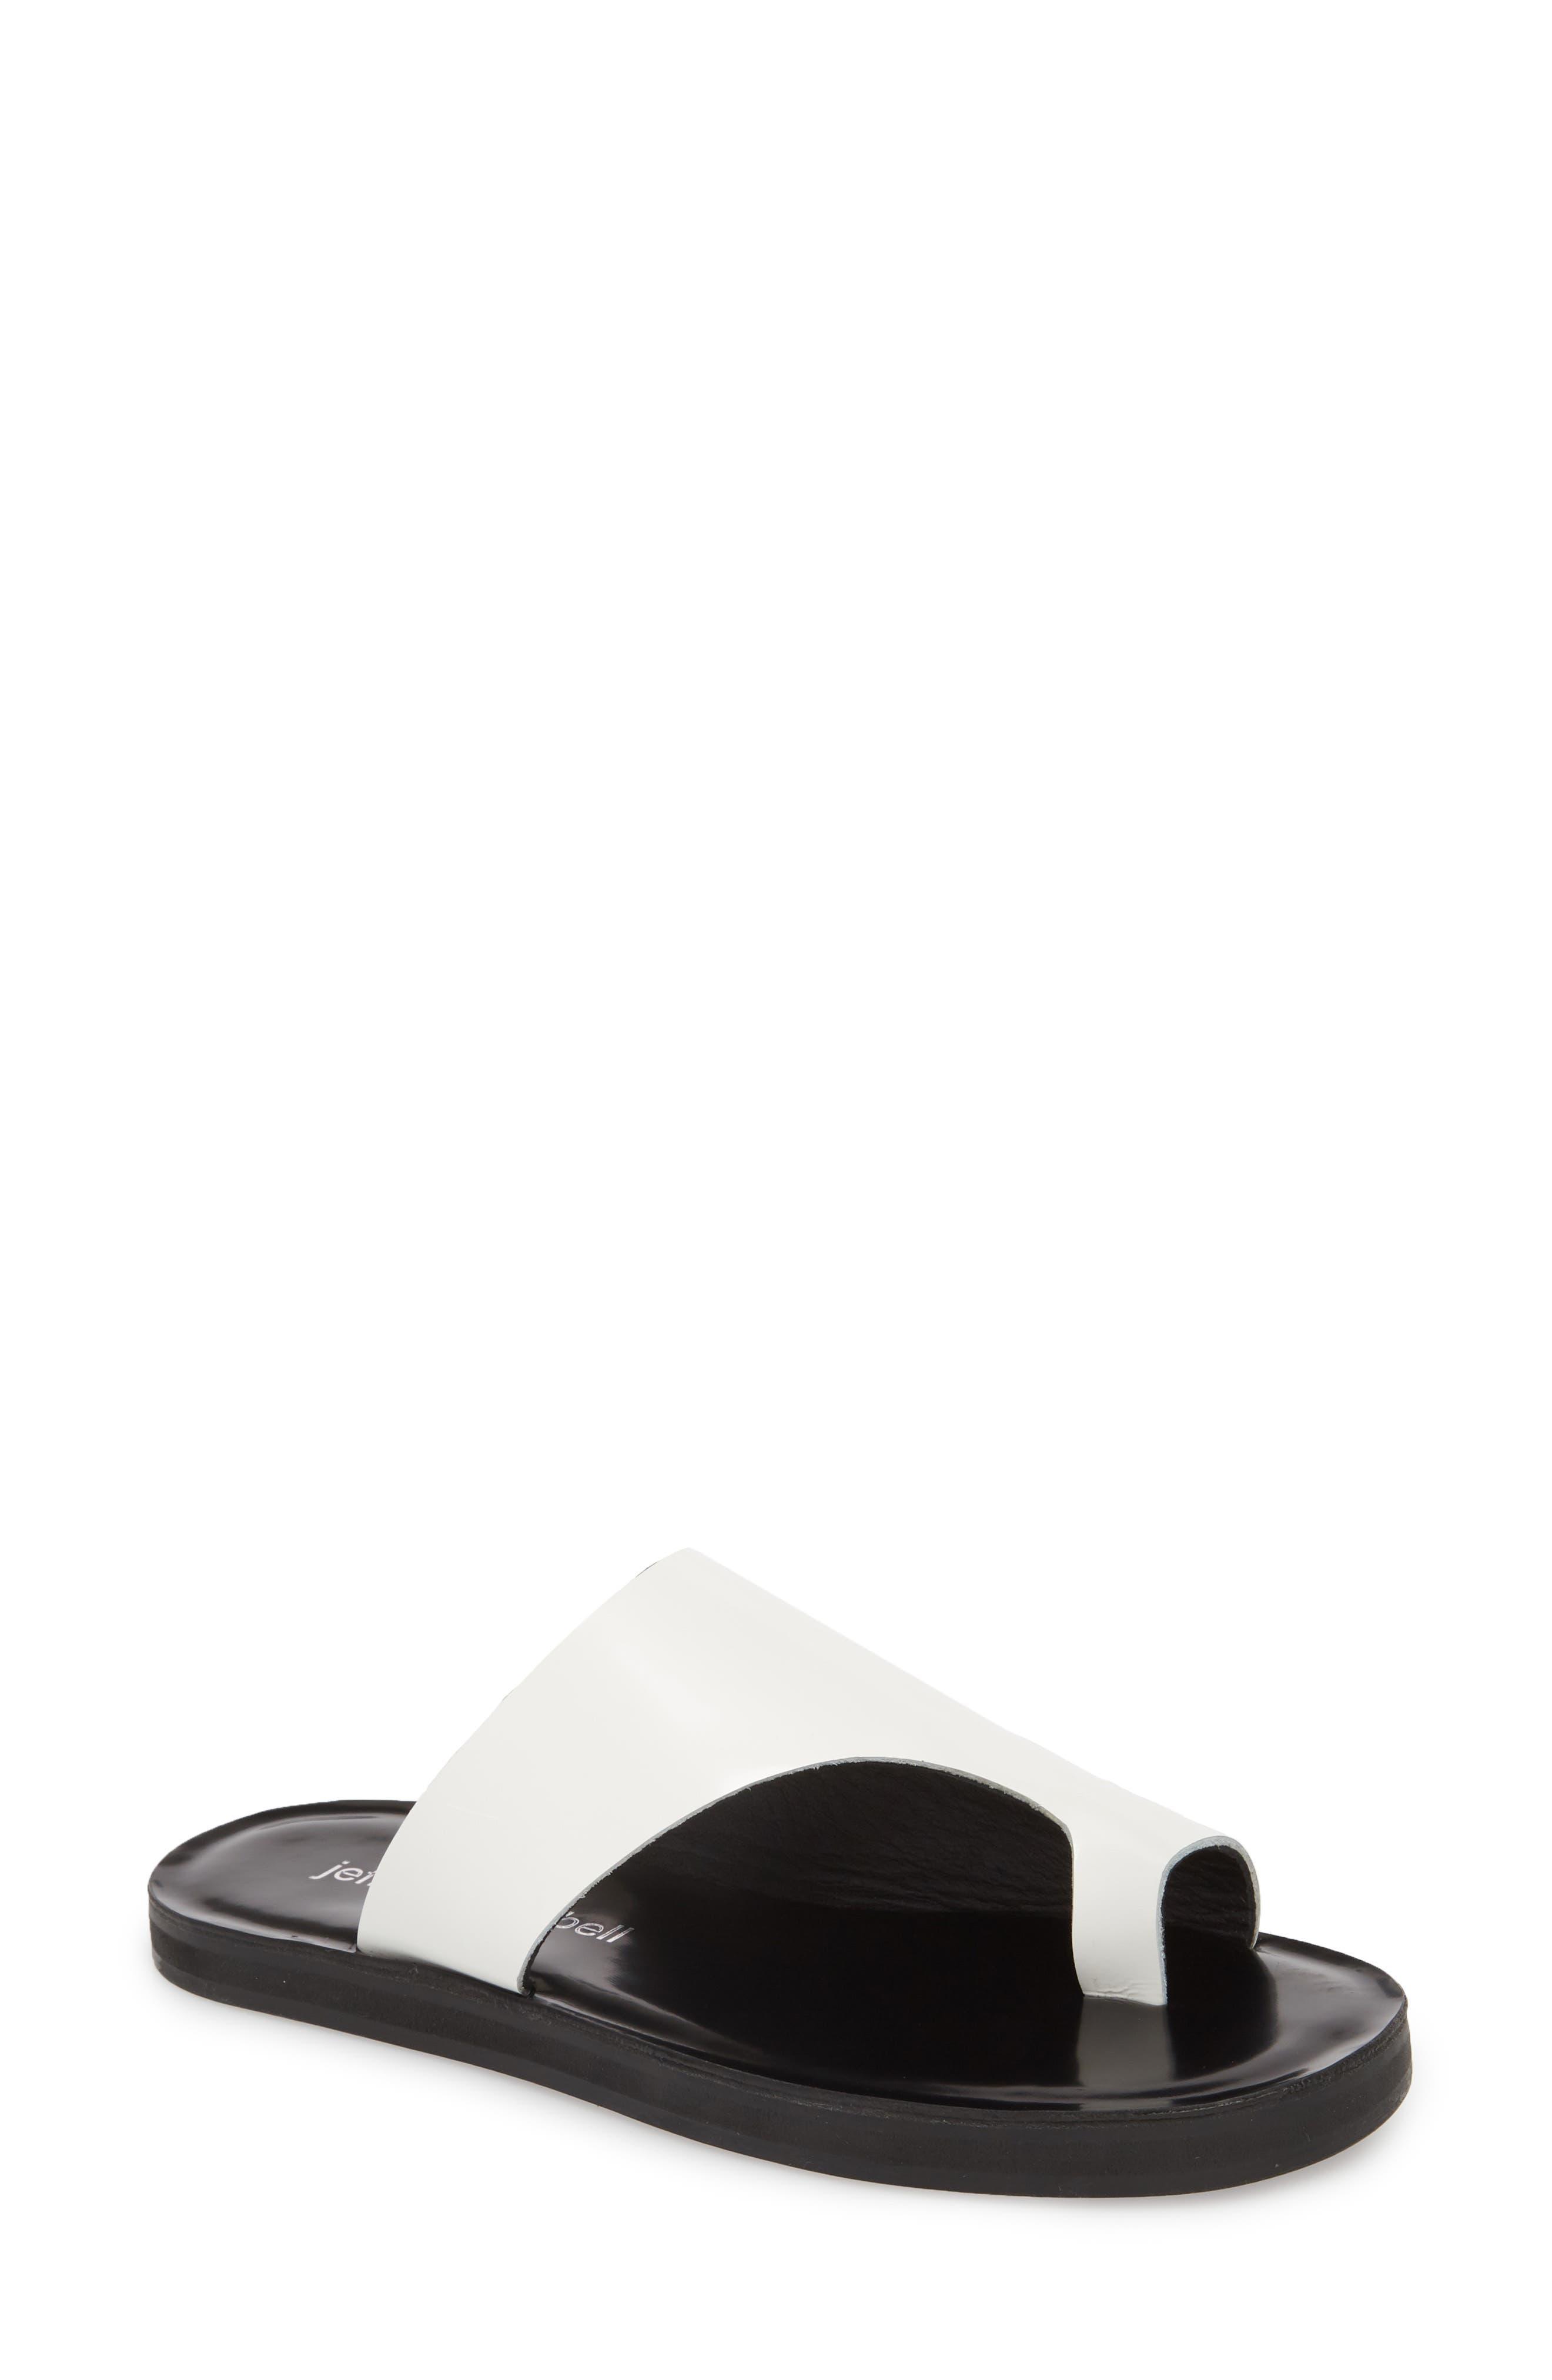 Morada Asymmetrical Slide Sandal,                             Main thumbnail 1, color,                             107